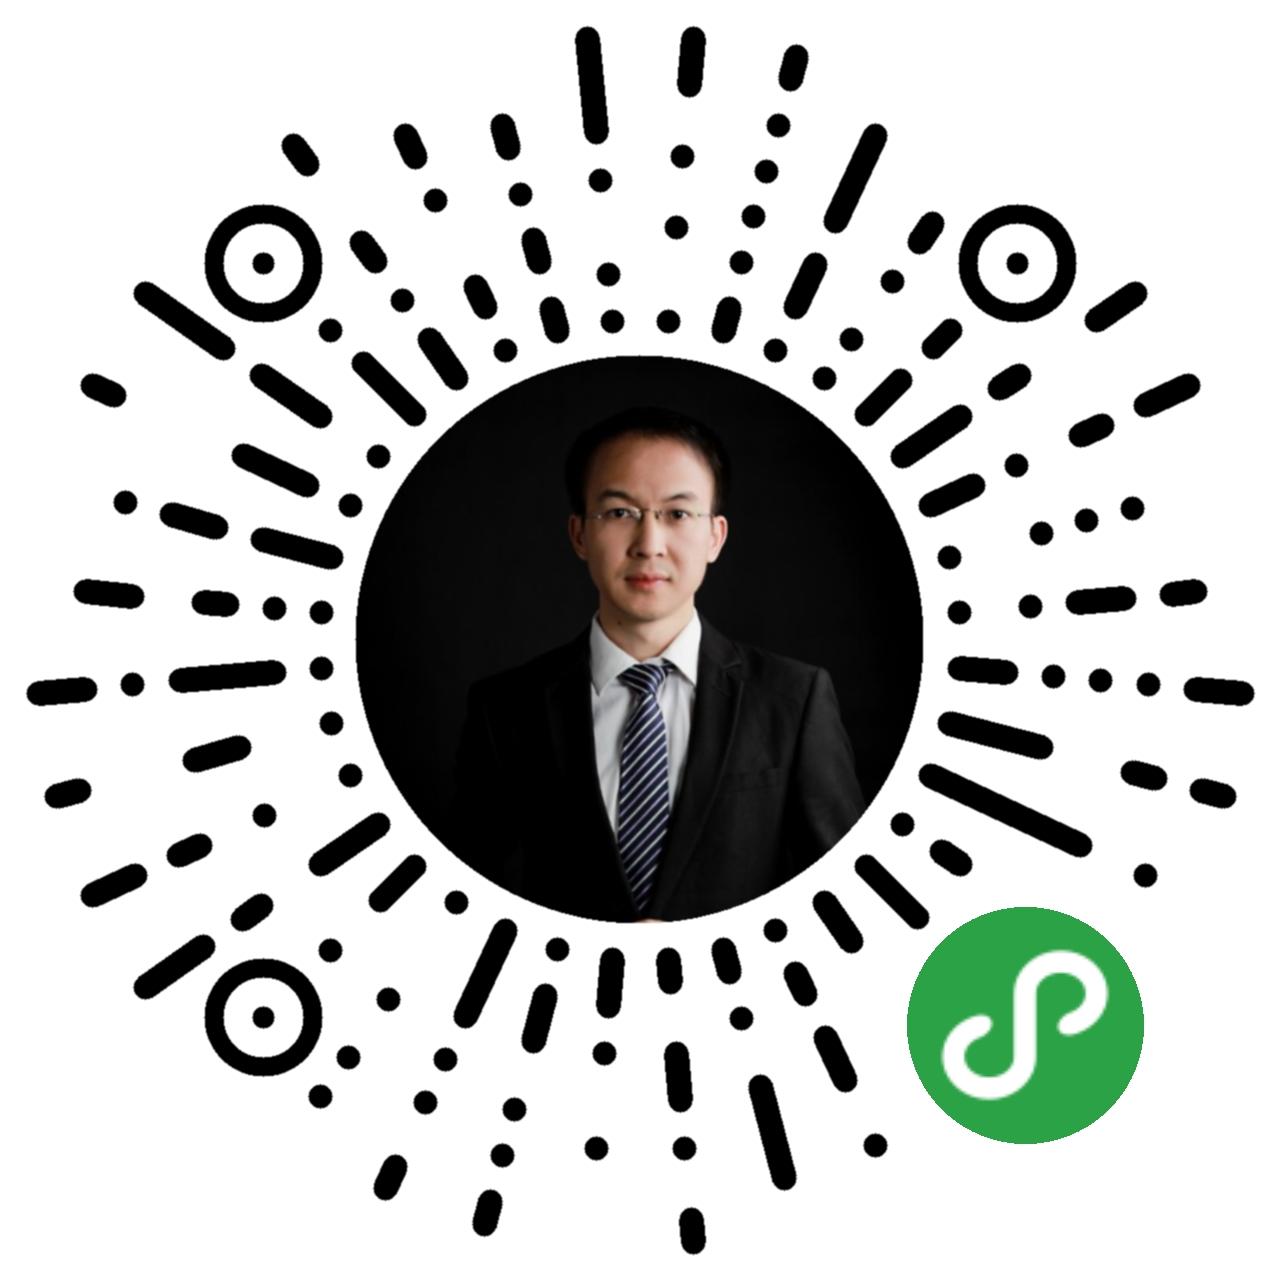 广州律师莫志欣二维码